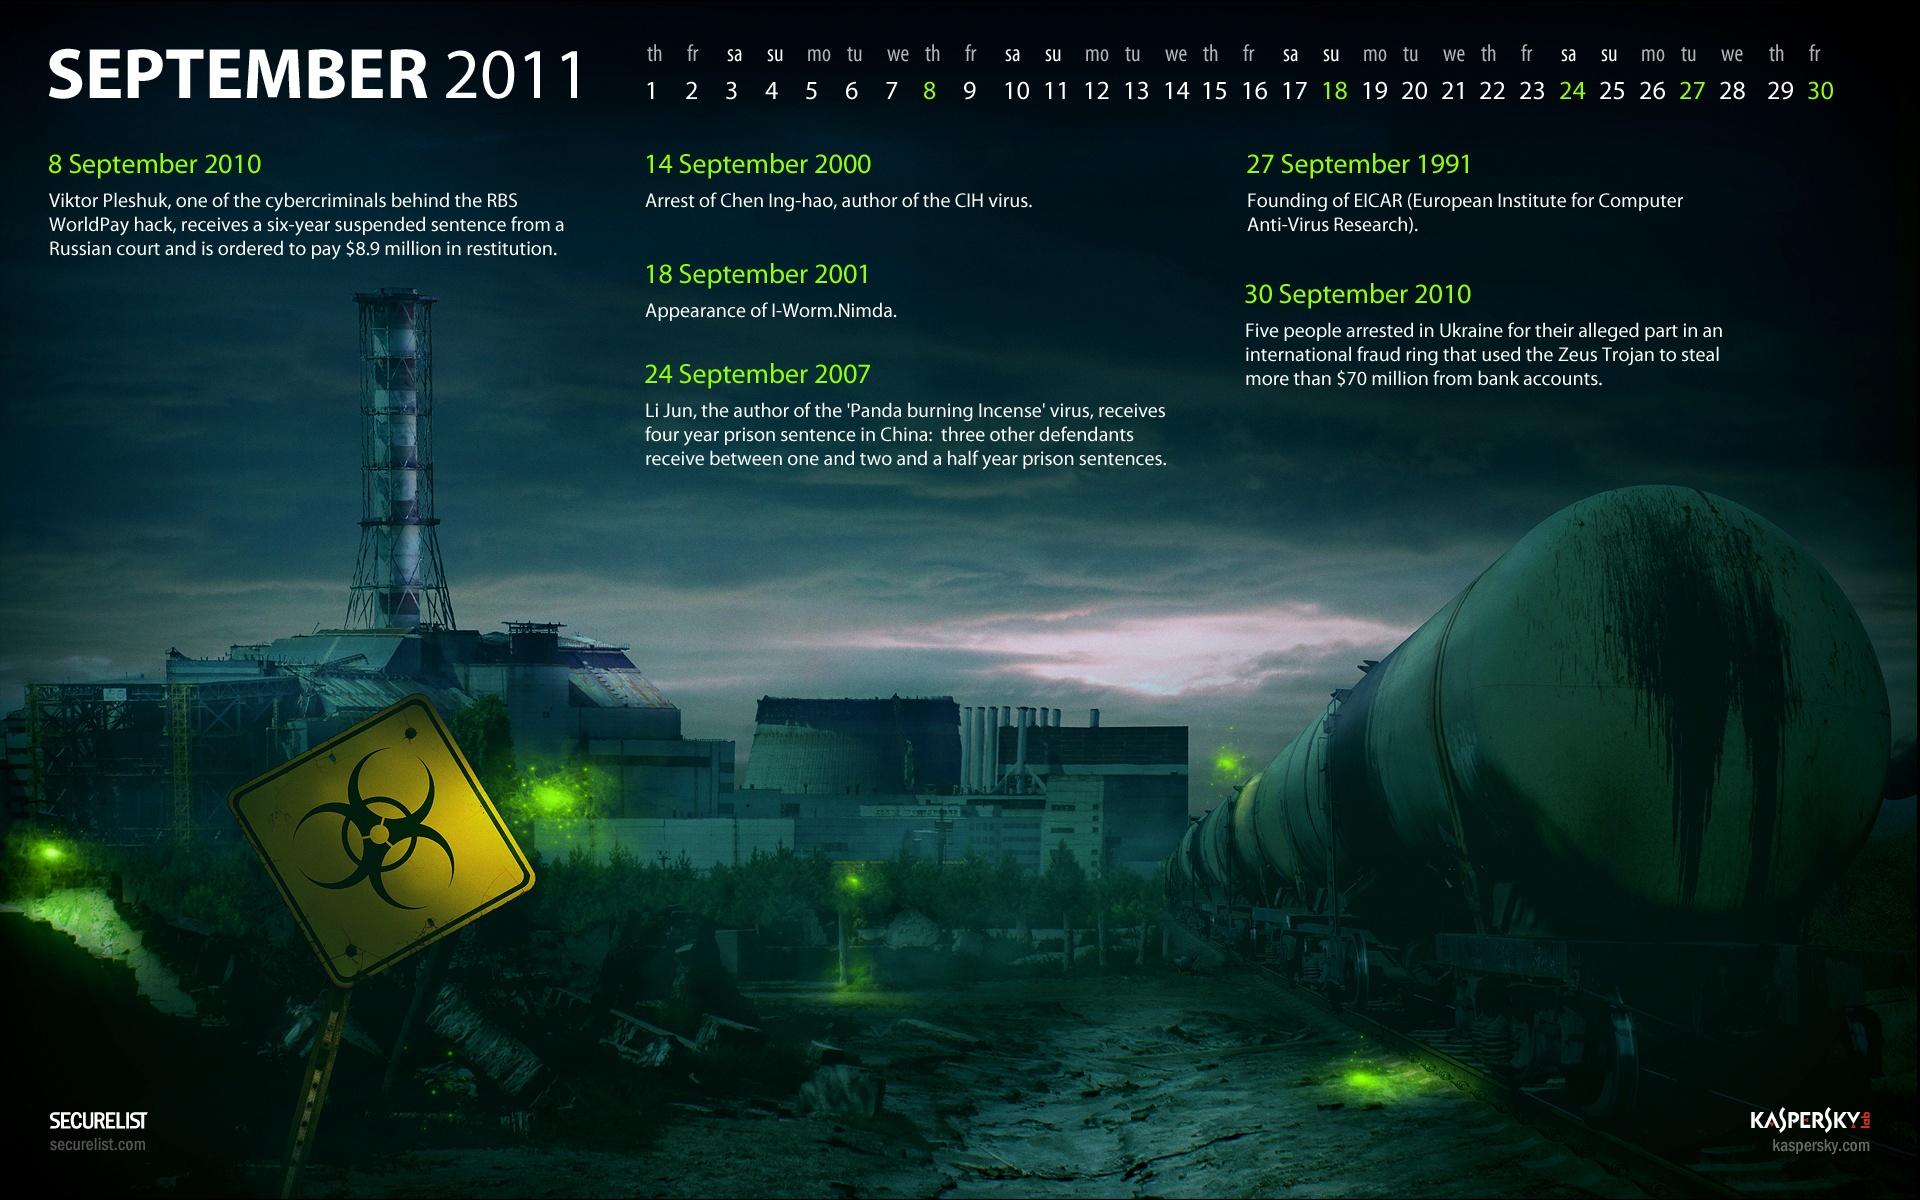 Malware Calendar Wallpaper for